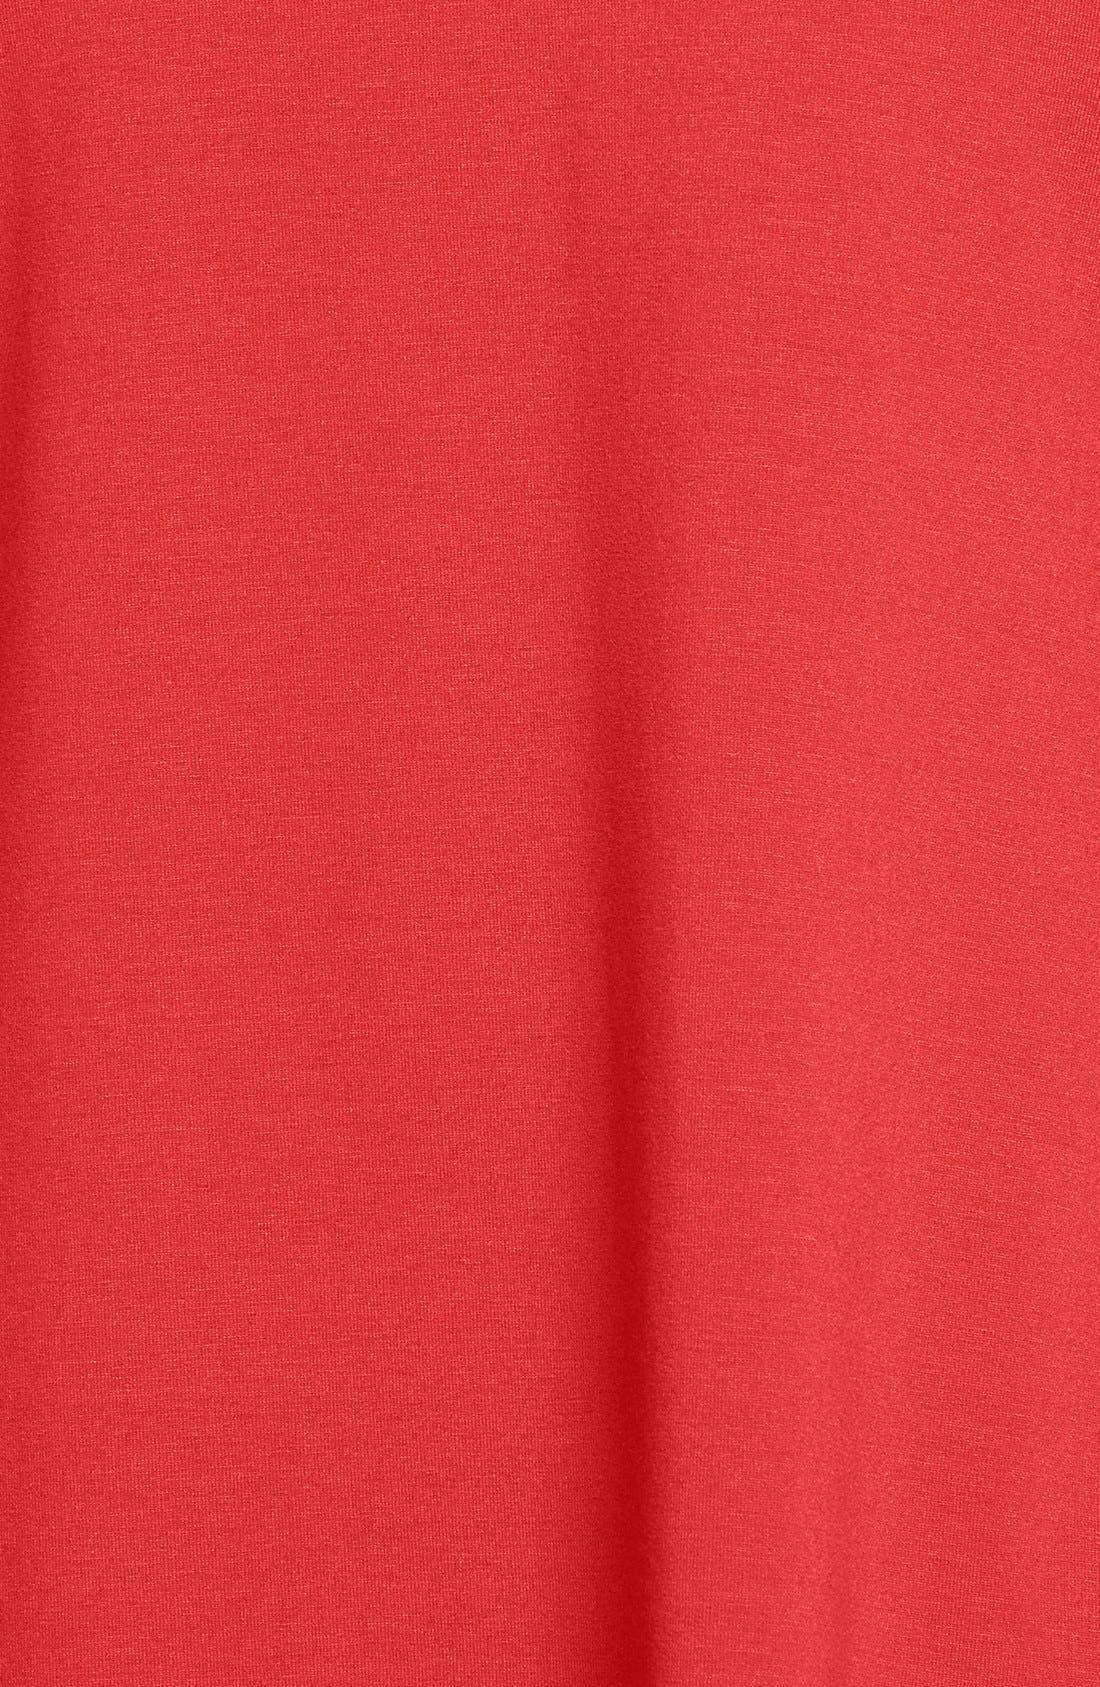 Alternate Image 3  - Eileen Fisher V-Neck Tunic (Regular & Petite)